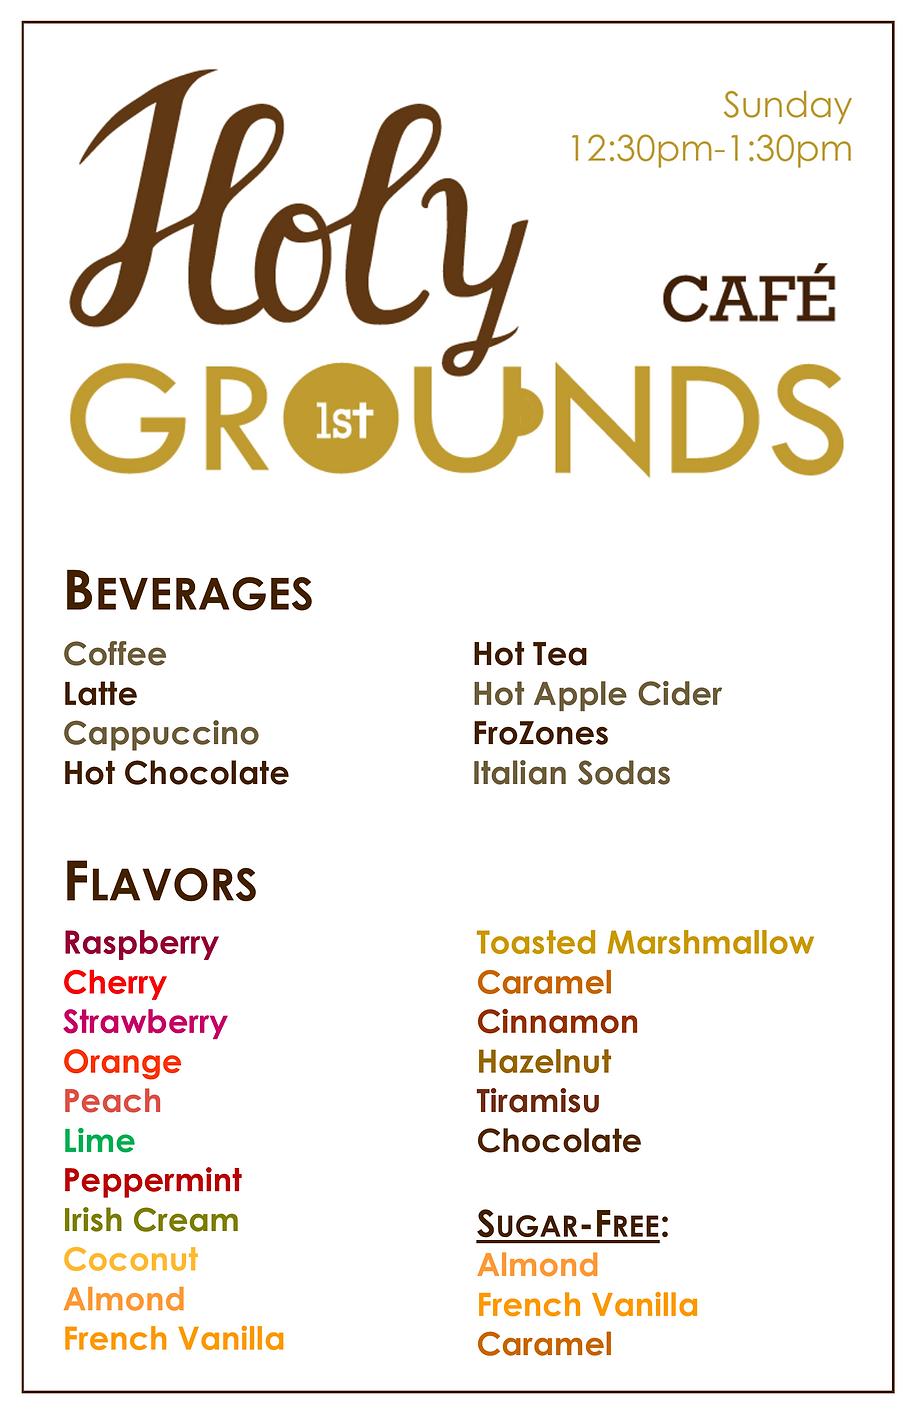 Holy Grounds Cafe Menu 2020.11.png